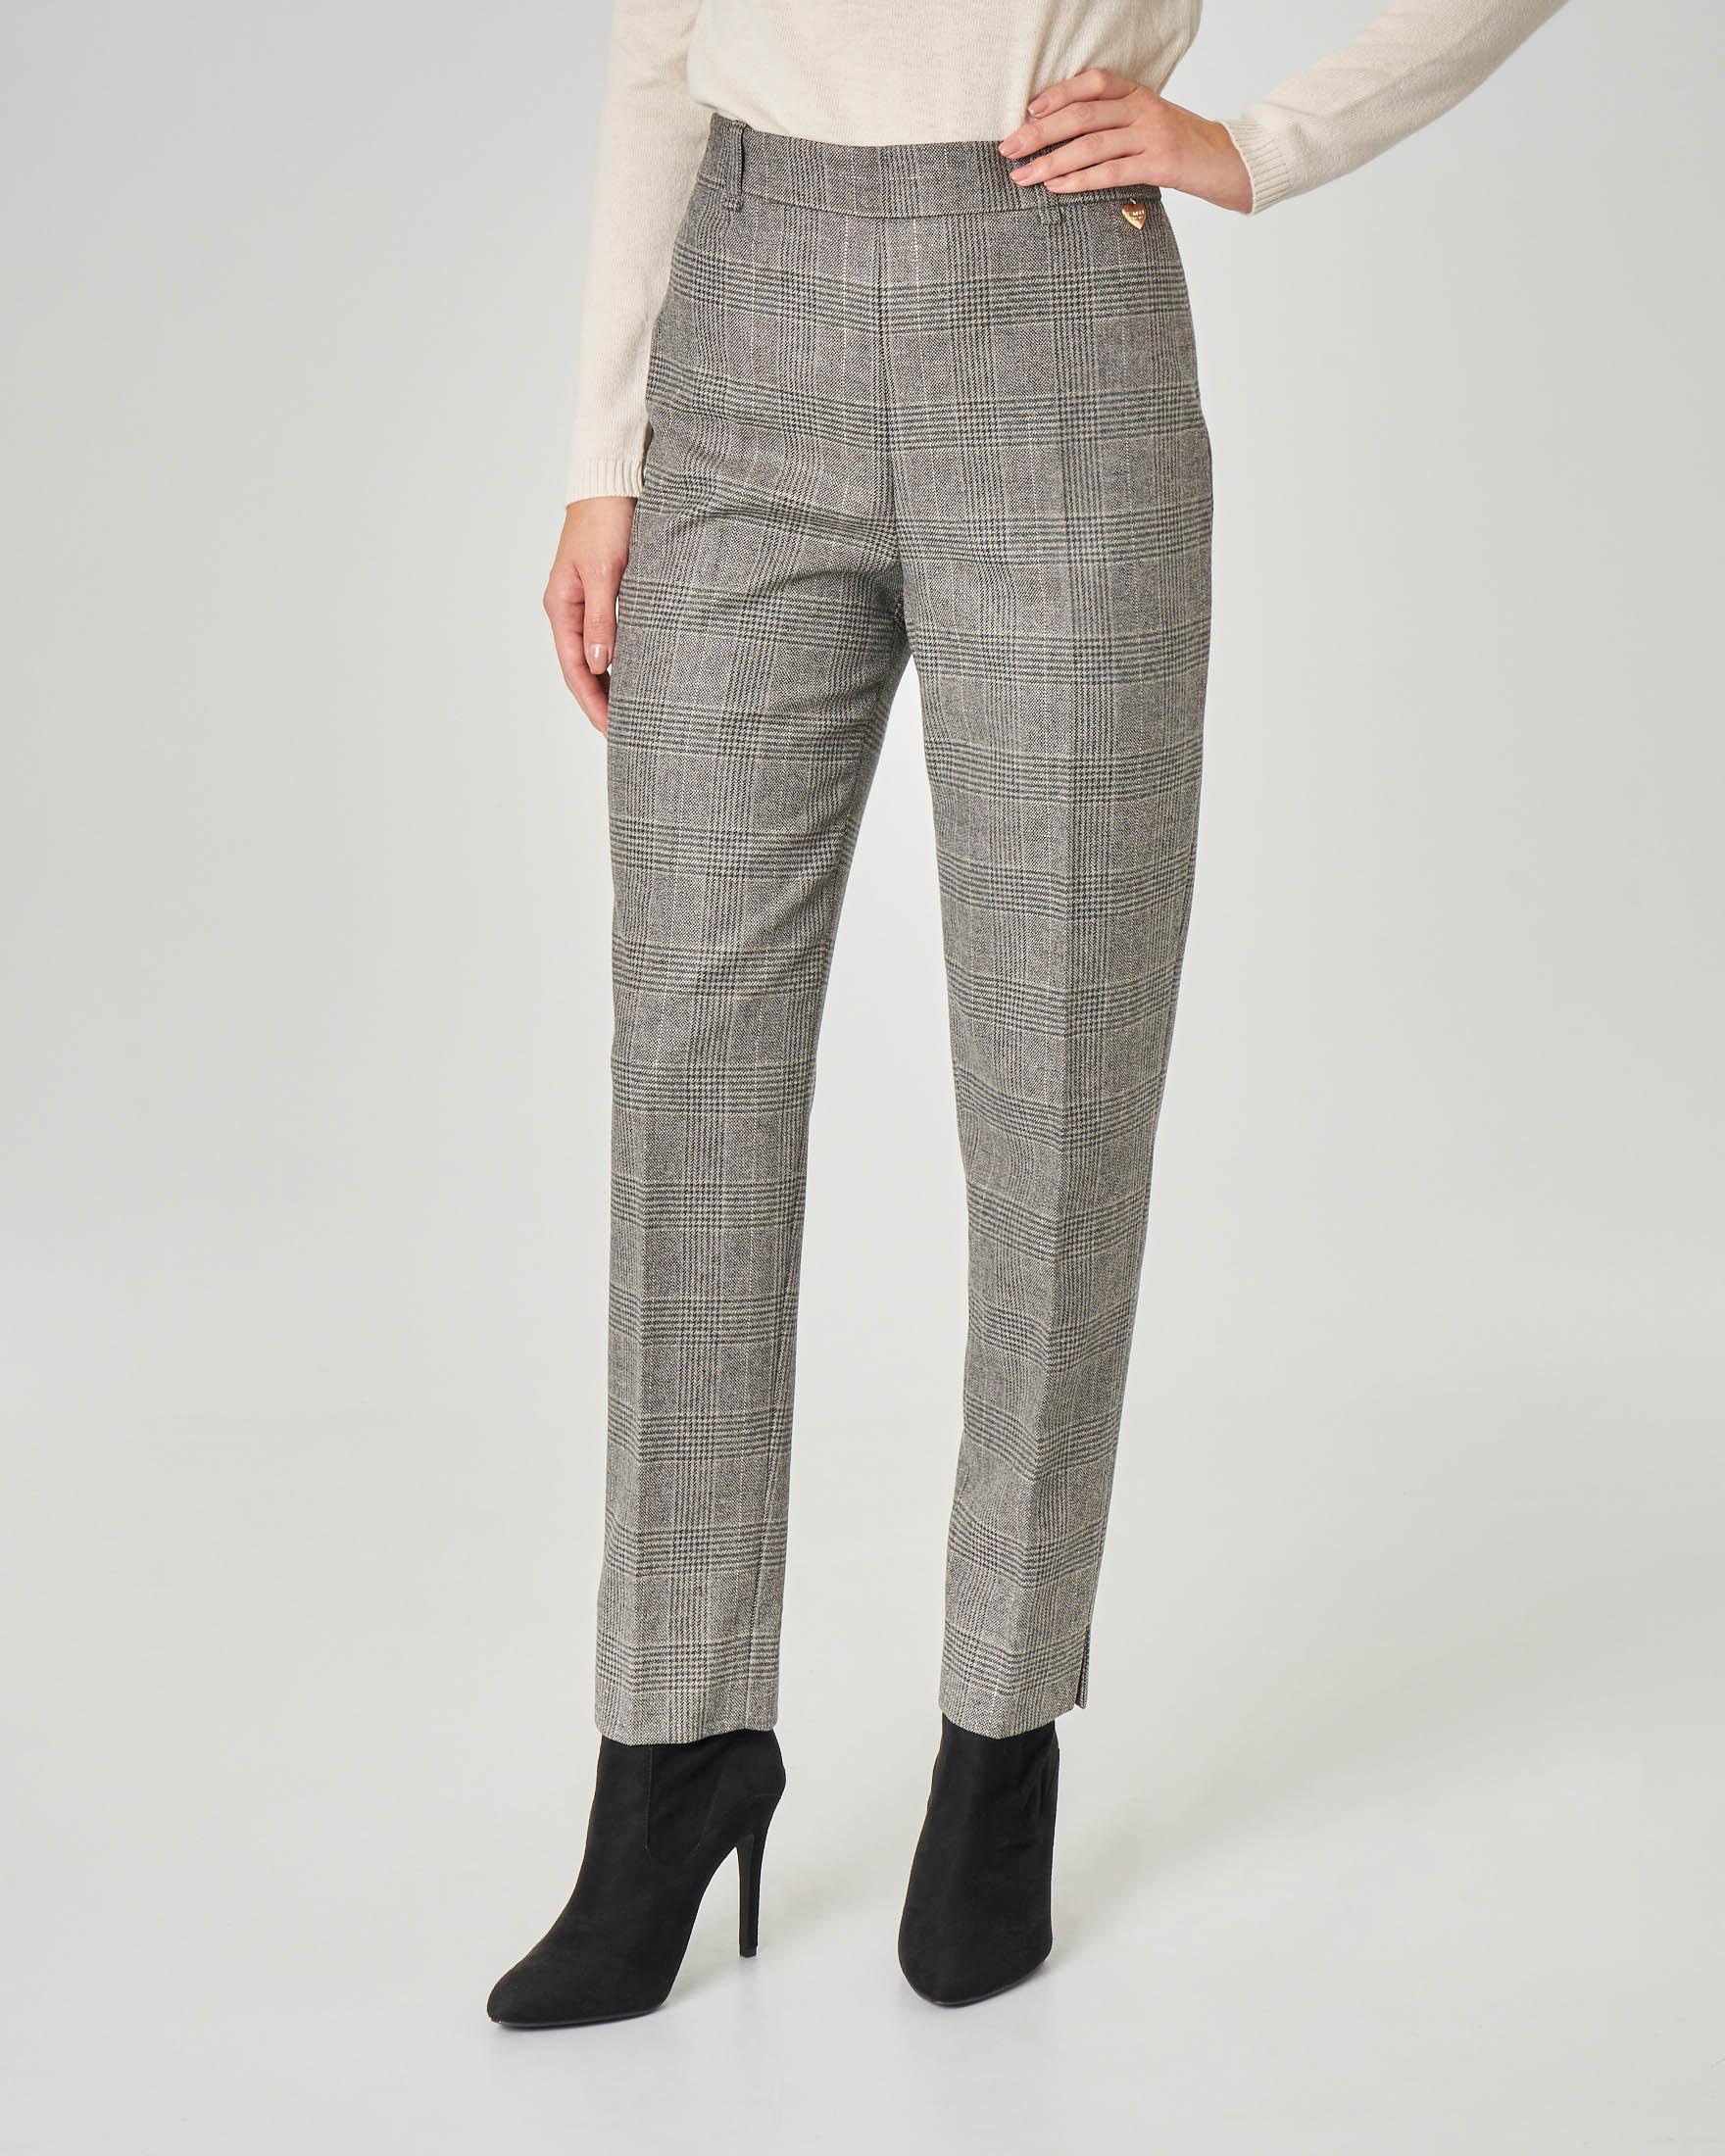 Pantaloni dritti a vita alta in misto lana in Principe di Galles grigi